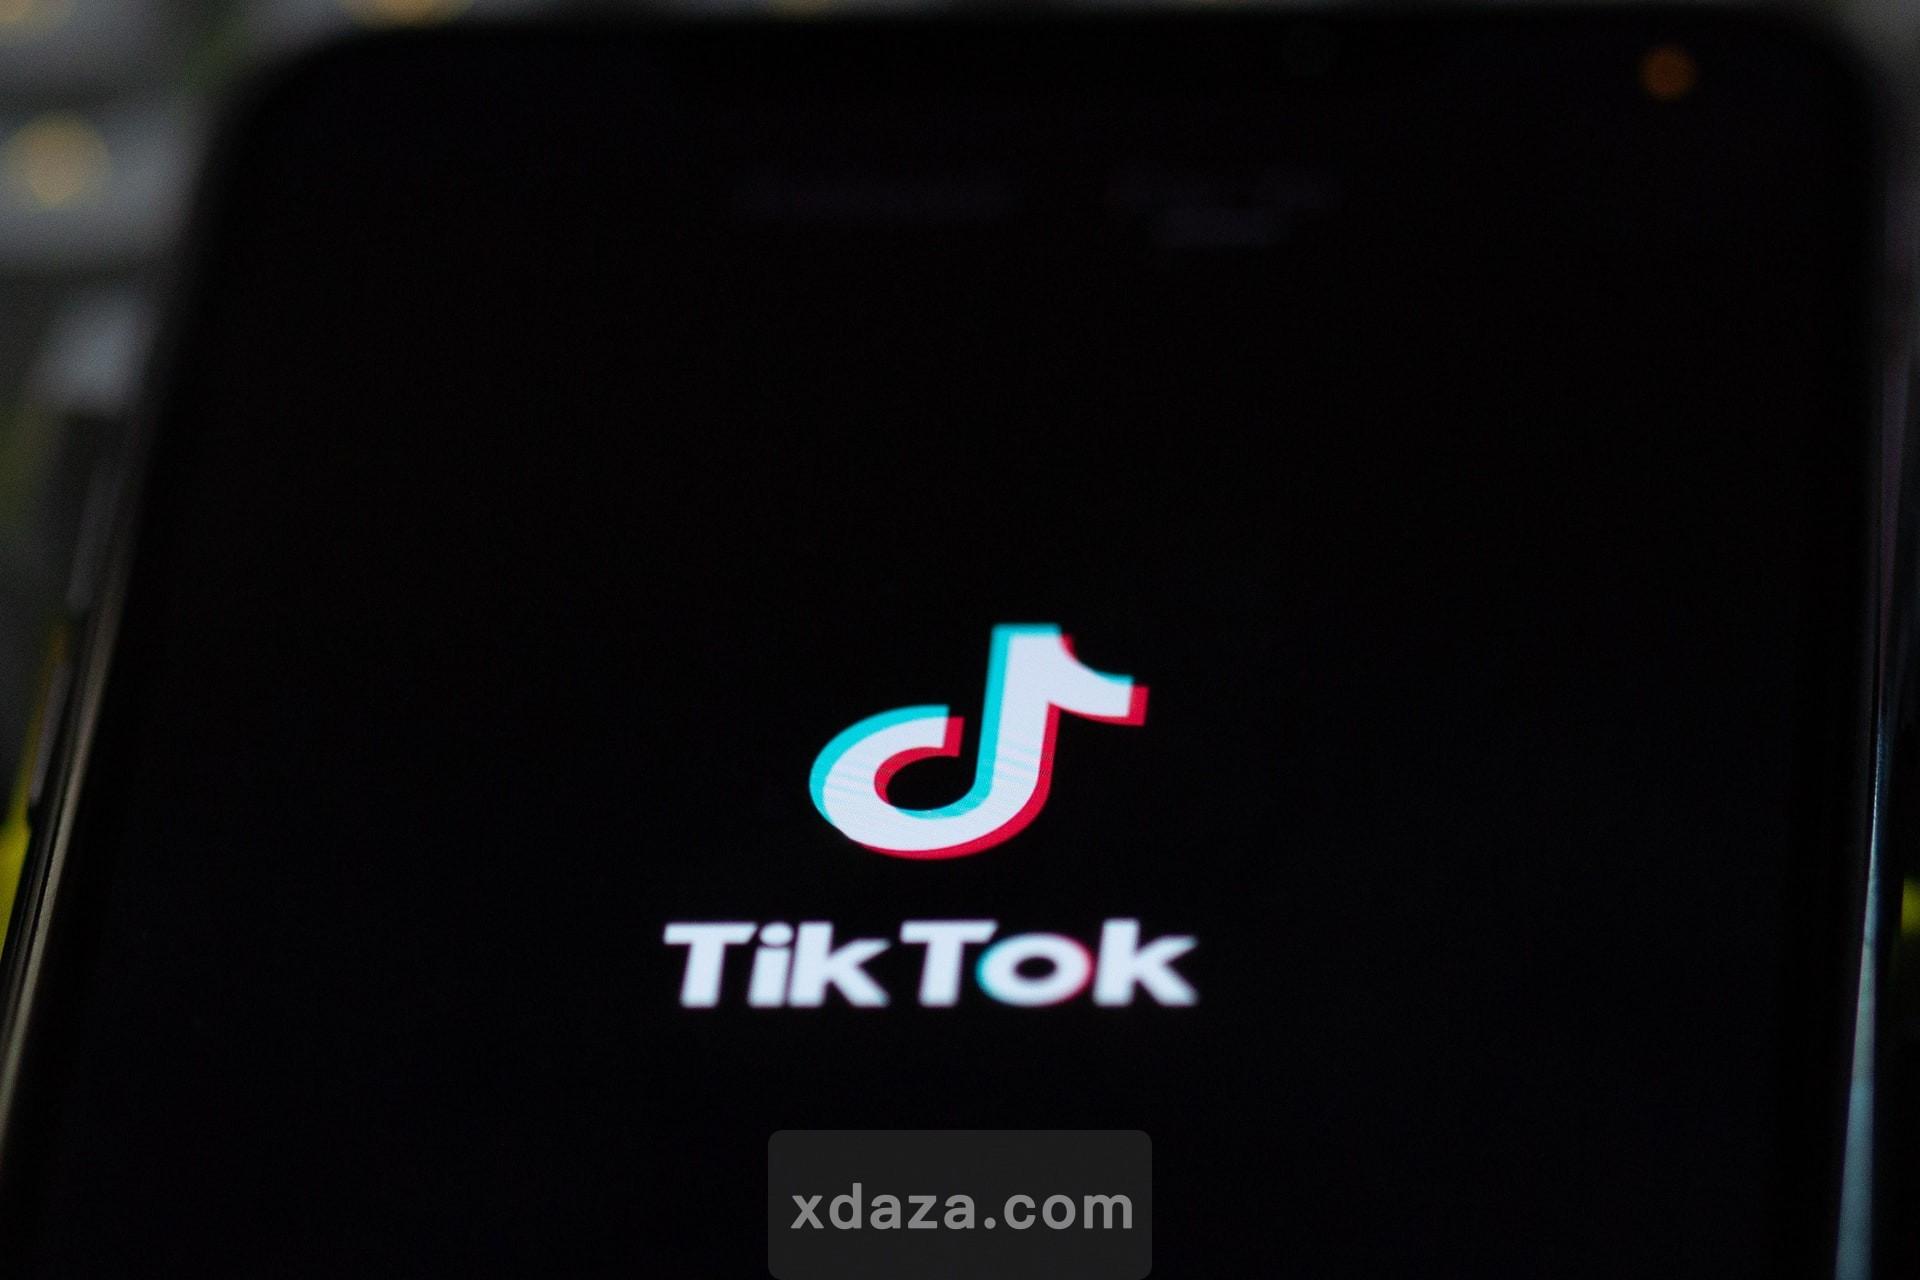 抖音国际版TikTok也在开发小程序了?原理和苹果的App Clips小程序类似